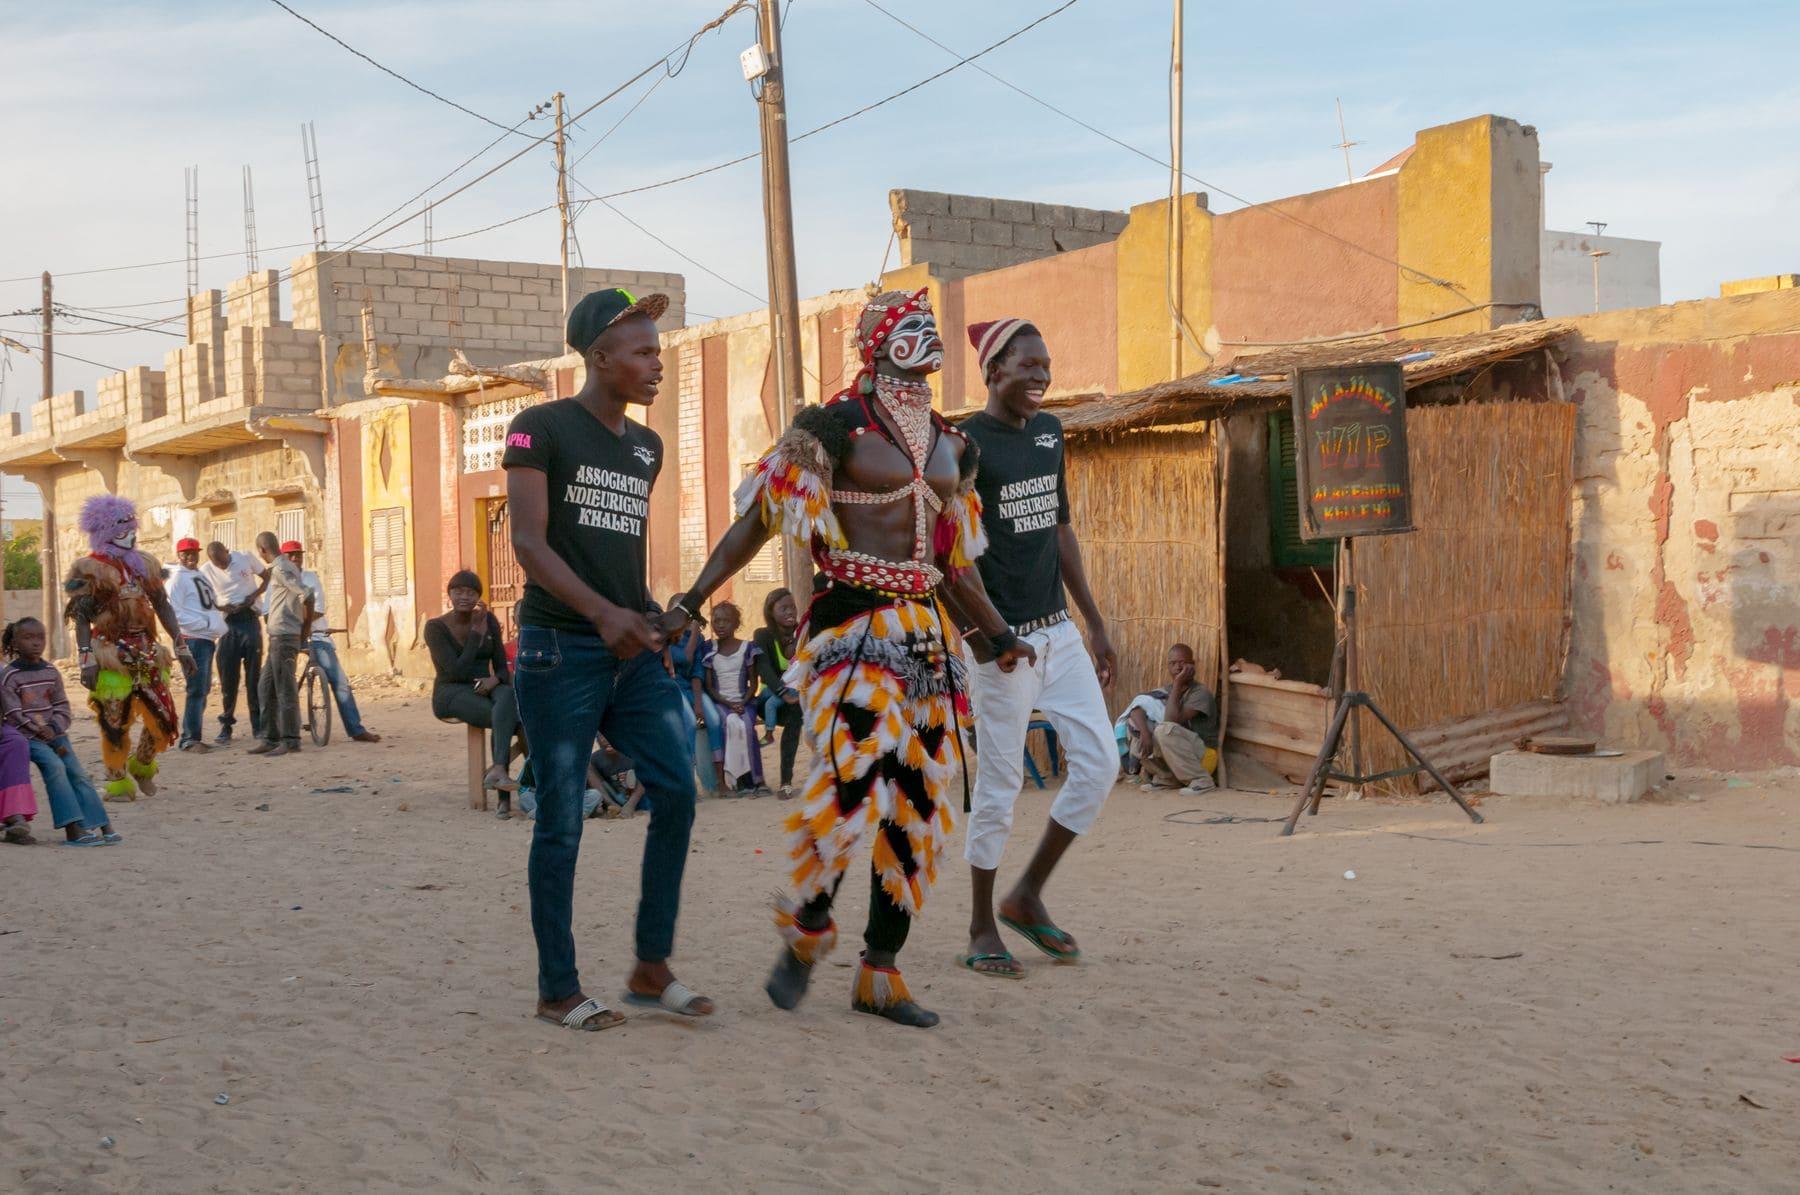 MichelAycaguer-LeSimb-LeFauxLion-SaintLouis-Senegal-51